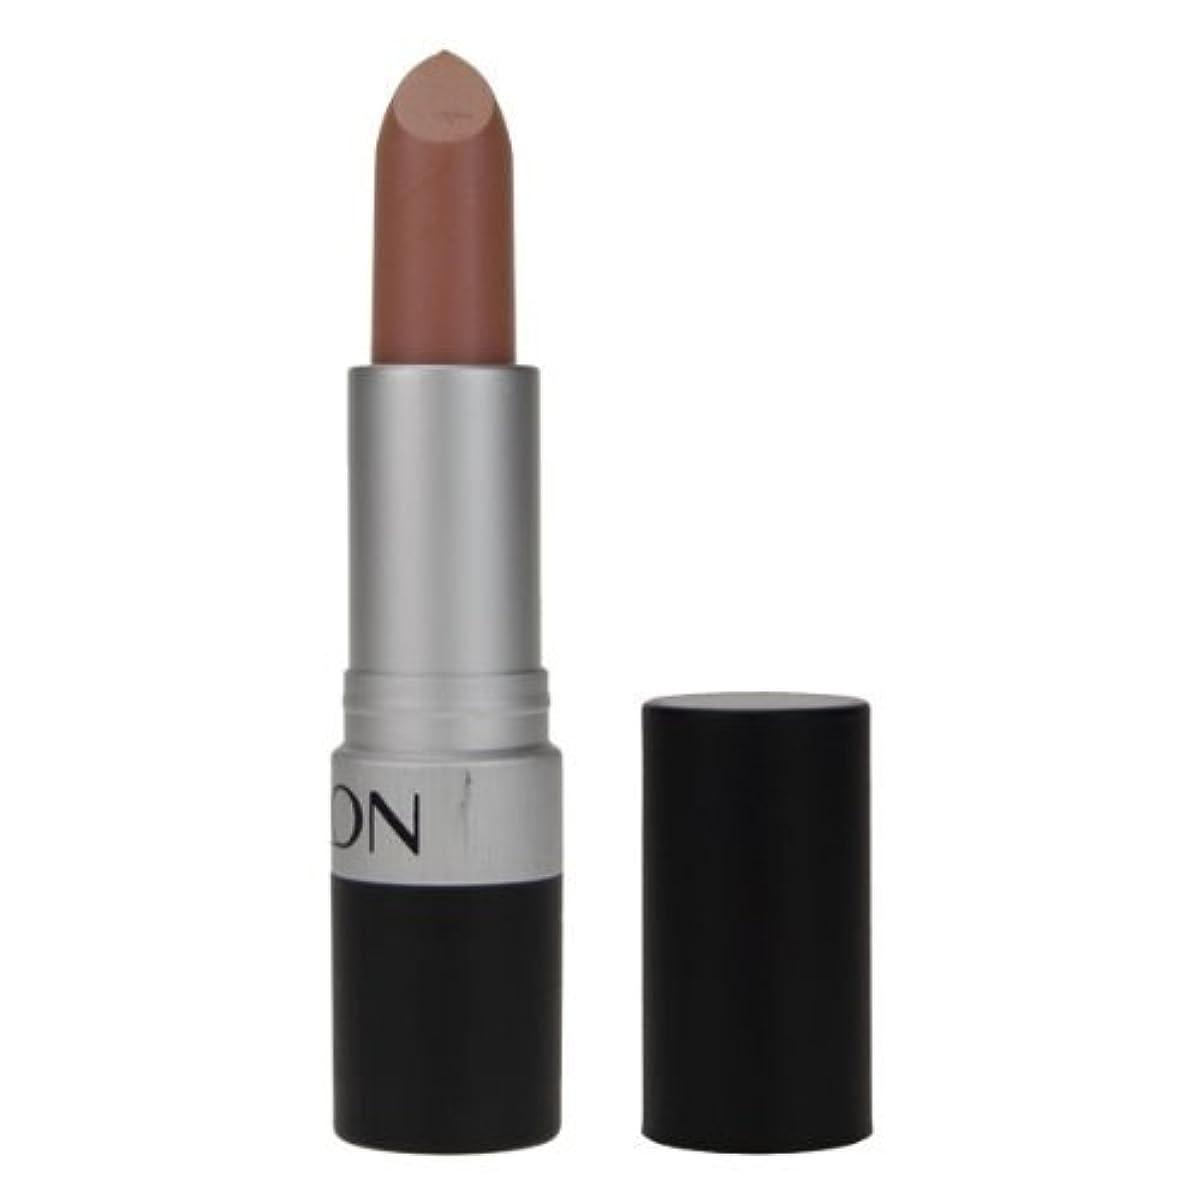 スクリーチルー目に見えるREVLON Super Lustrous Lipstick Matte - Nude Attitude 001 (並行輸入品)